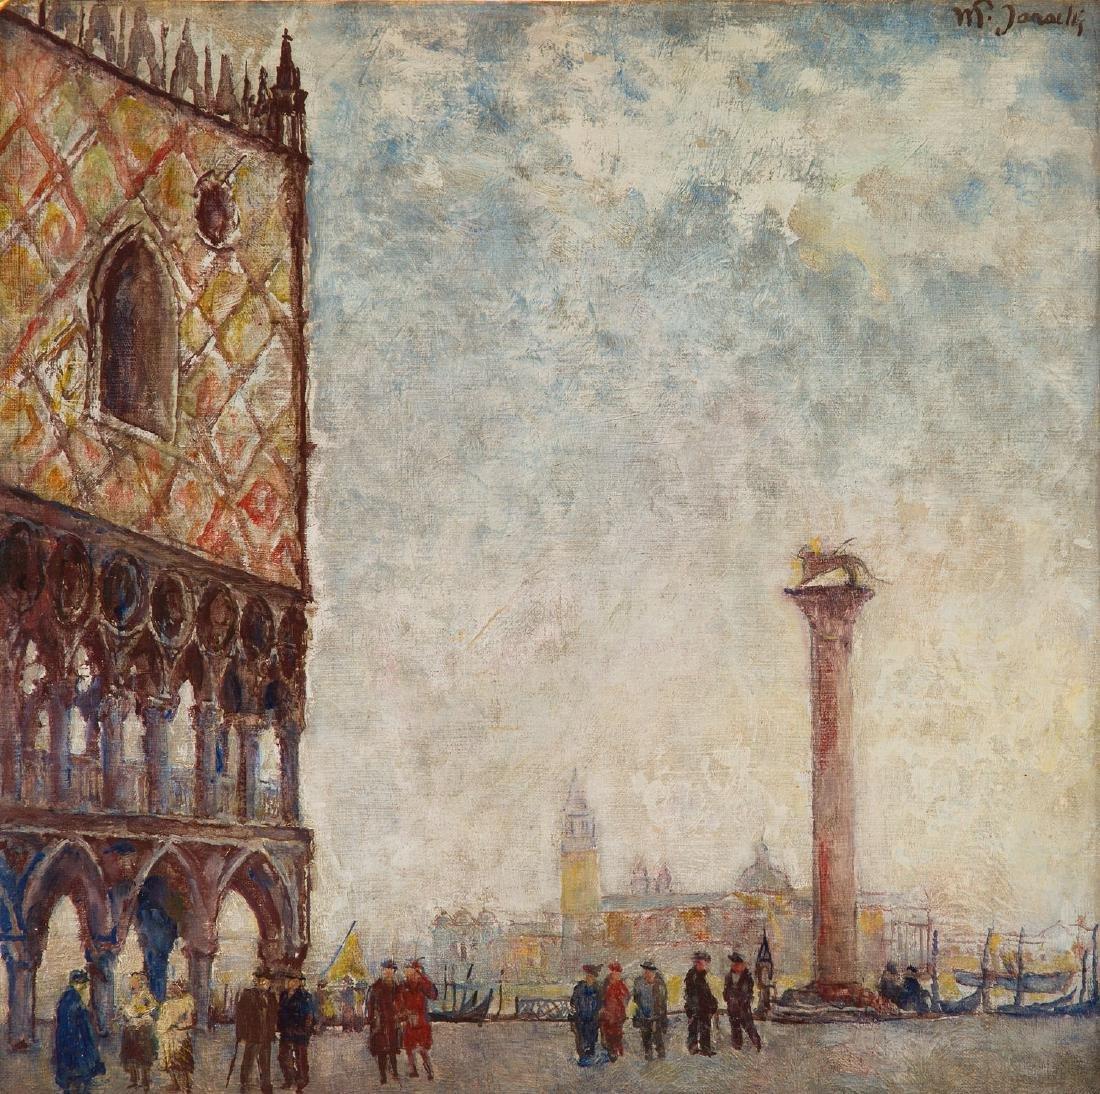 Wladyslaw Jarocki (1879 - 1965) Piazza San Marco